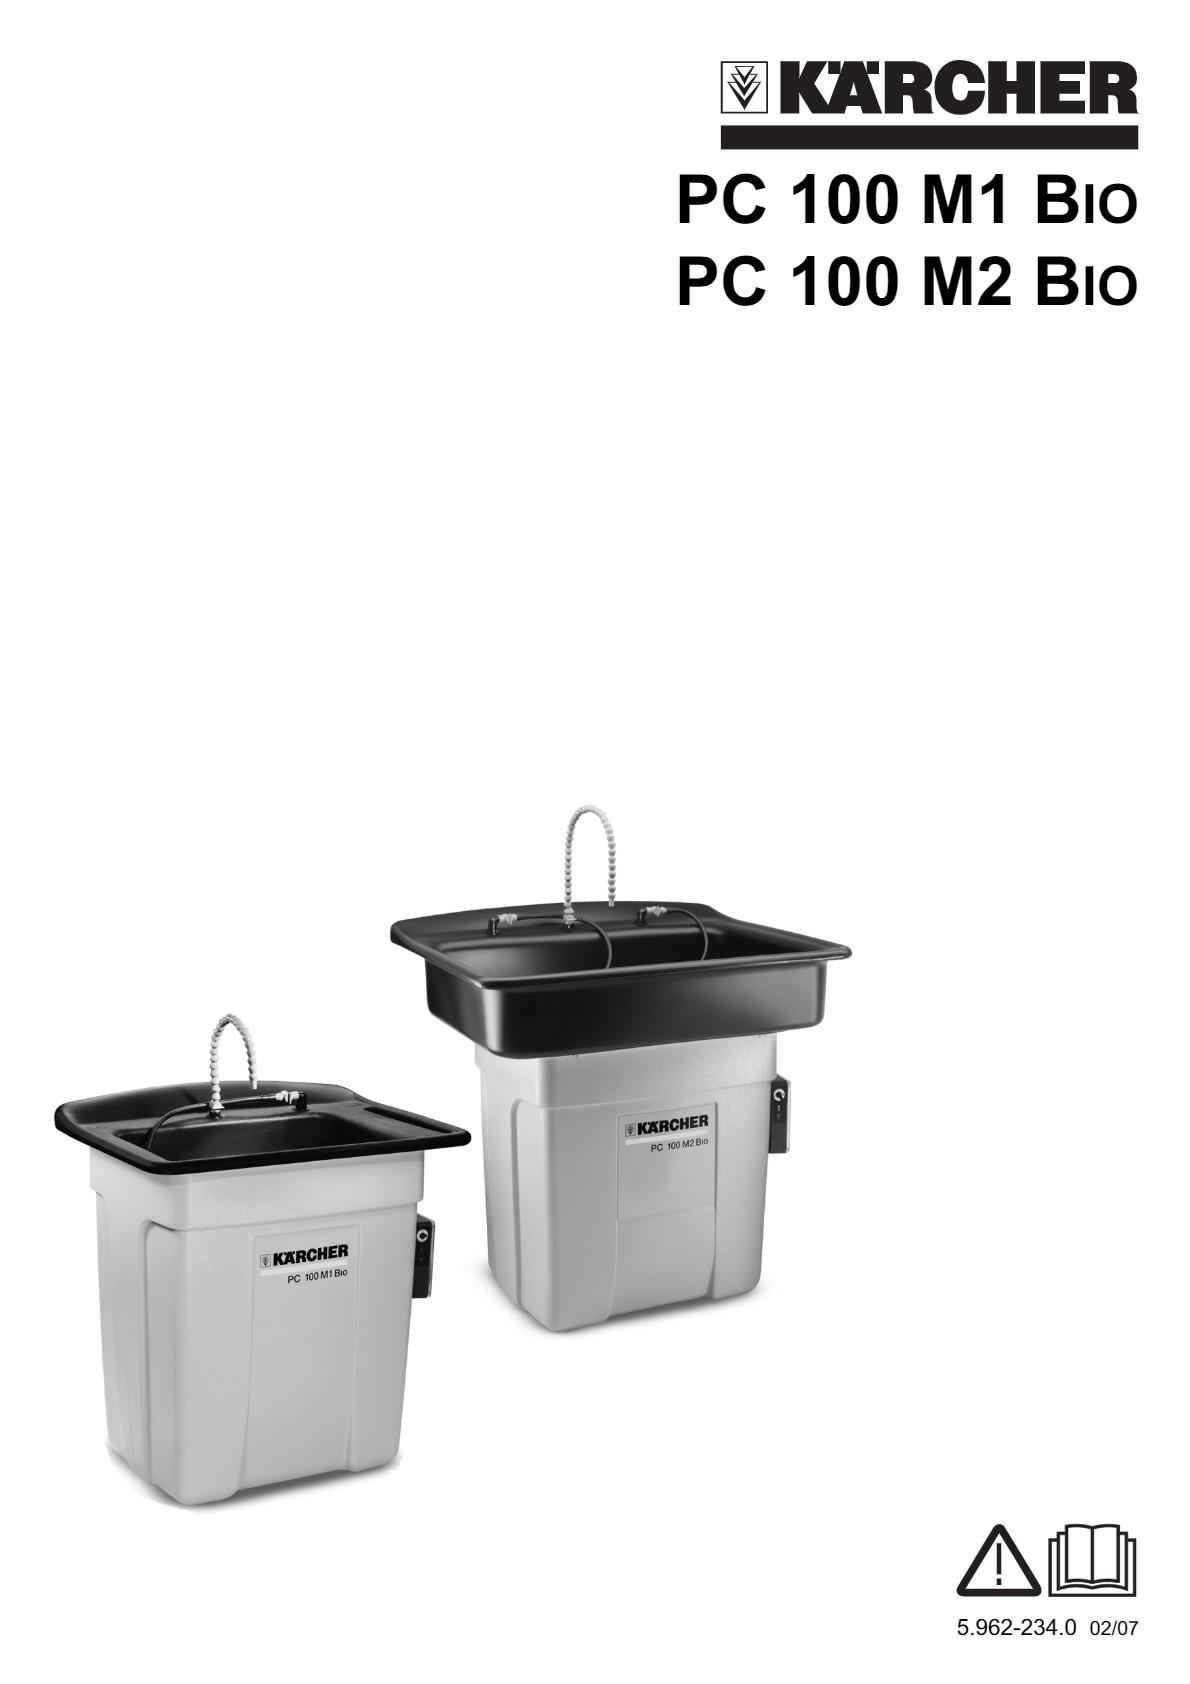 零部件清洗机 PC 100 M2 BIO 说明书说明书下载